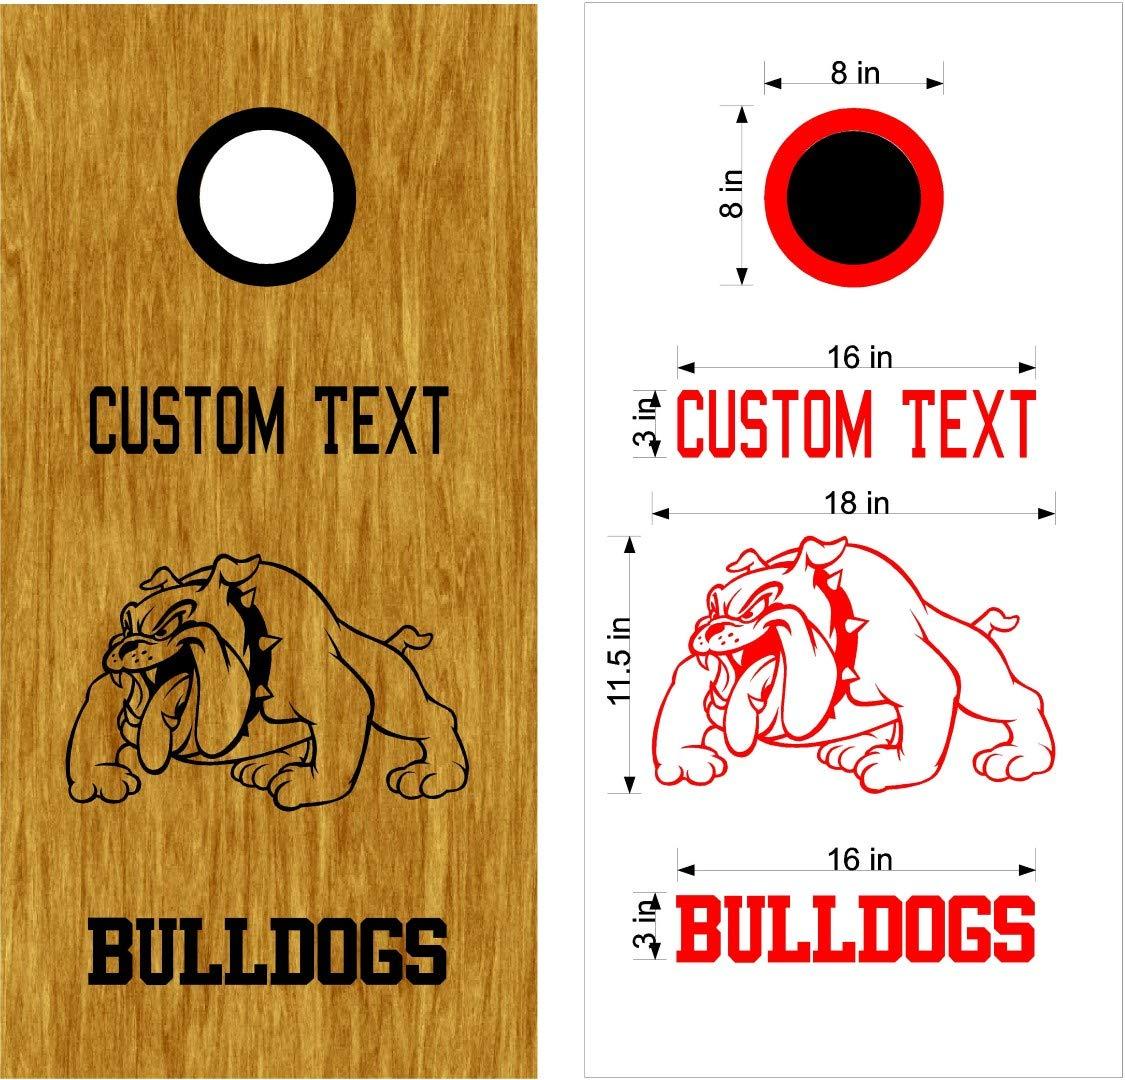 Badgers Mascot スポーツチーム コーンホールボード デカールステッカー 両方のボードに十分 B07HNM7B1R